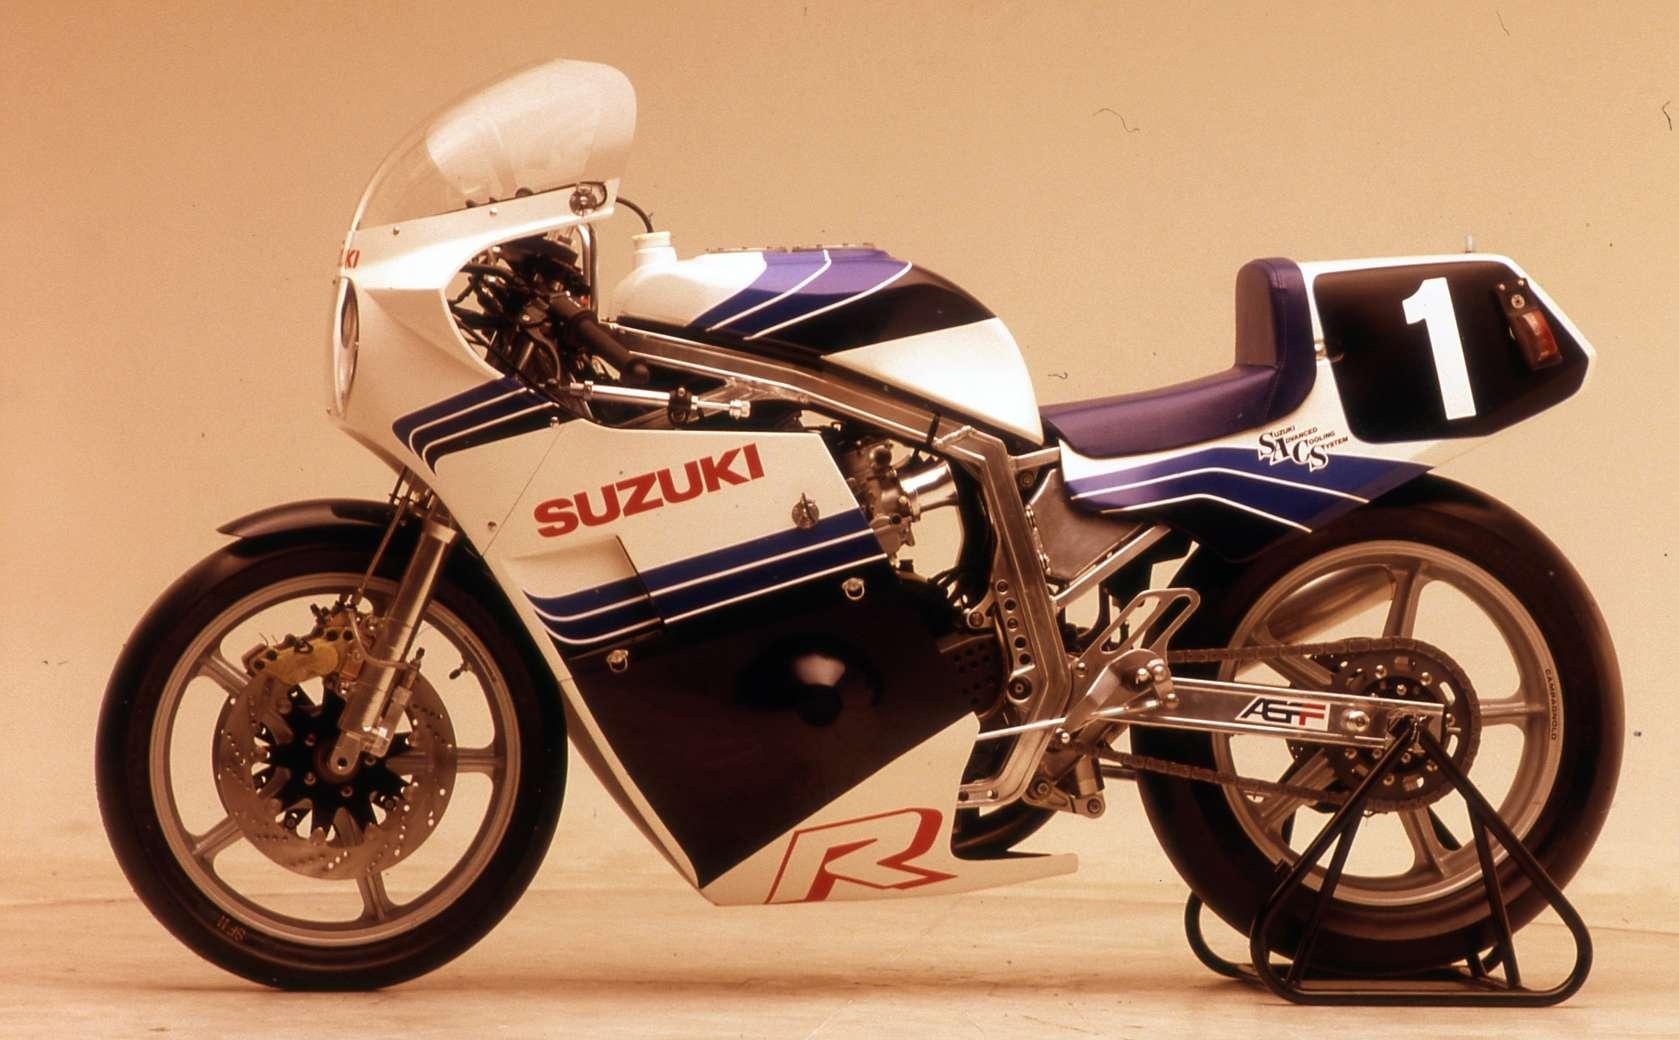 Suzuki GSX-R Slabside 750 (85-87) et 1100 (86-88) - Page 39 Img_510